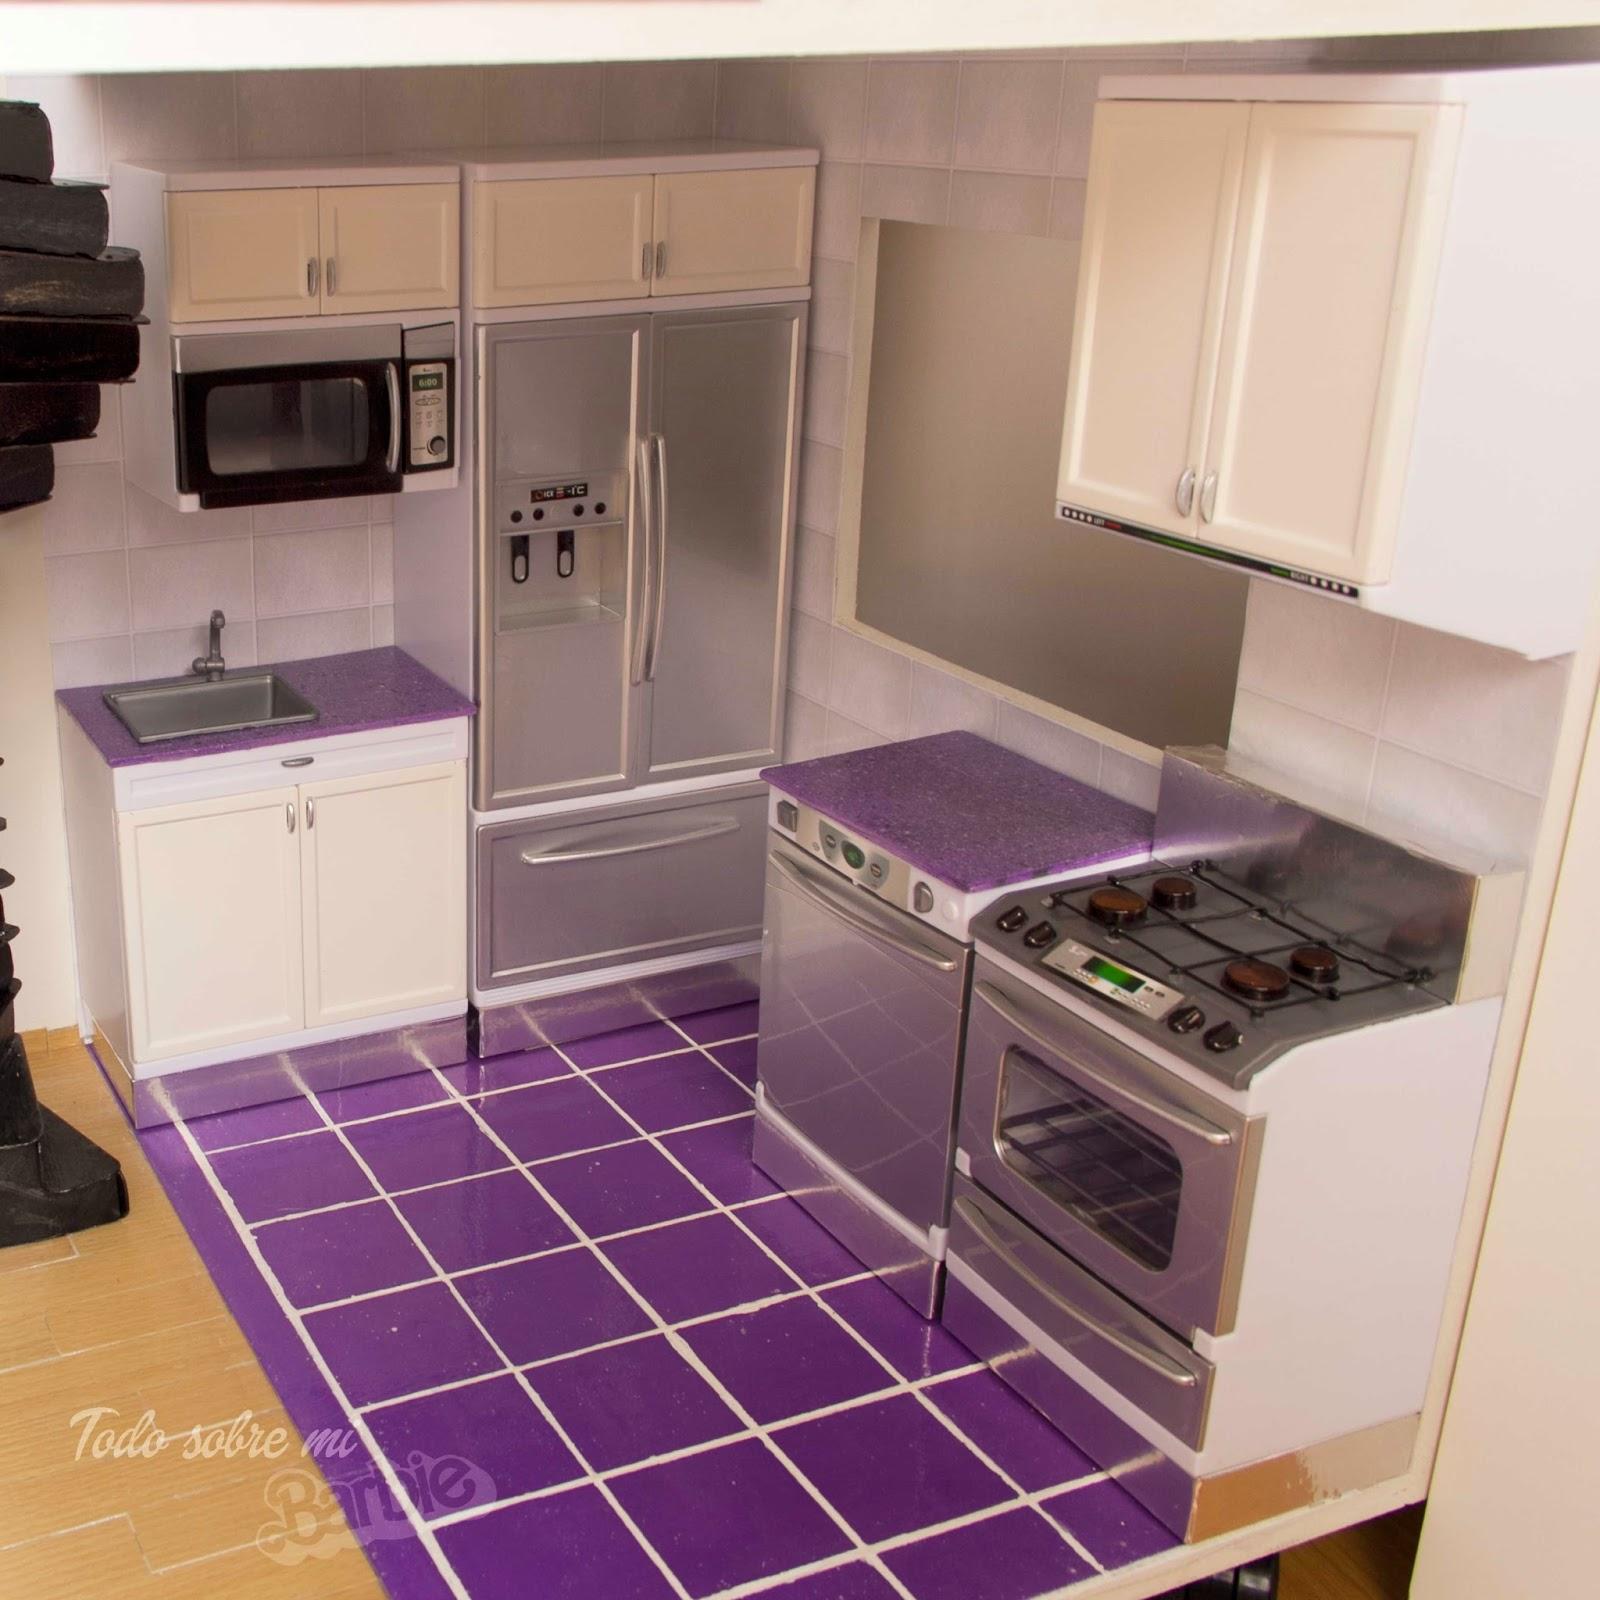 Todo sobre mi barbie c mo pintar muebles de pl stico cocina for Como hacer muebles para cocina